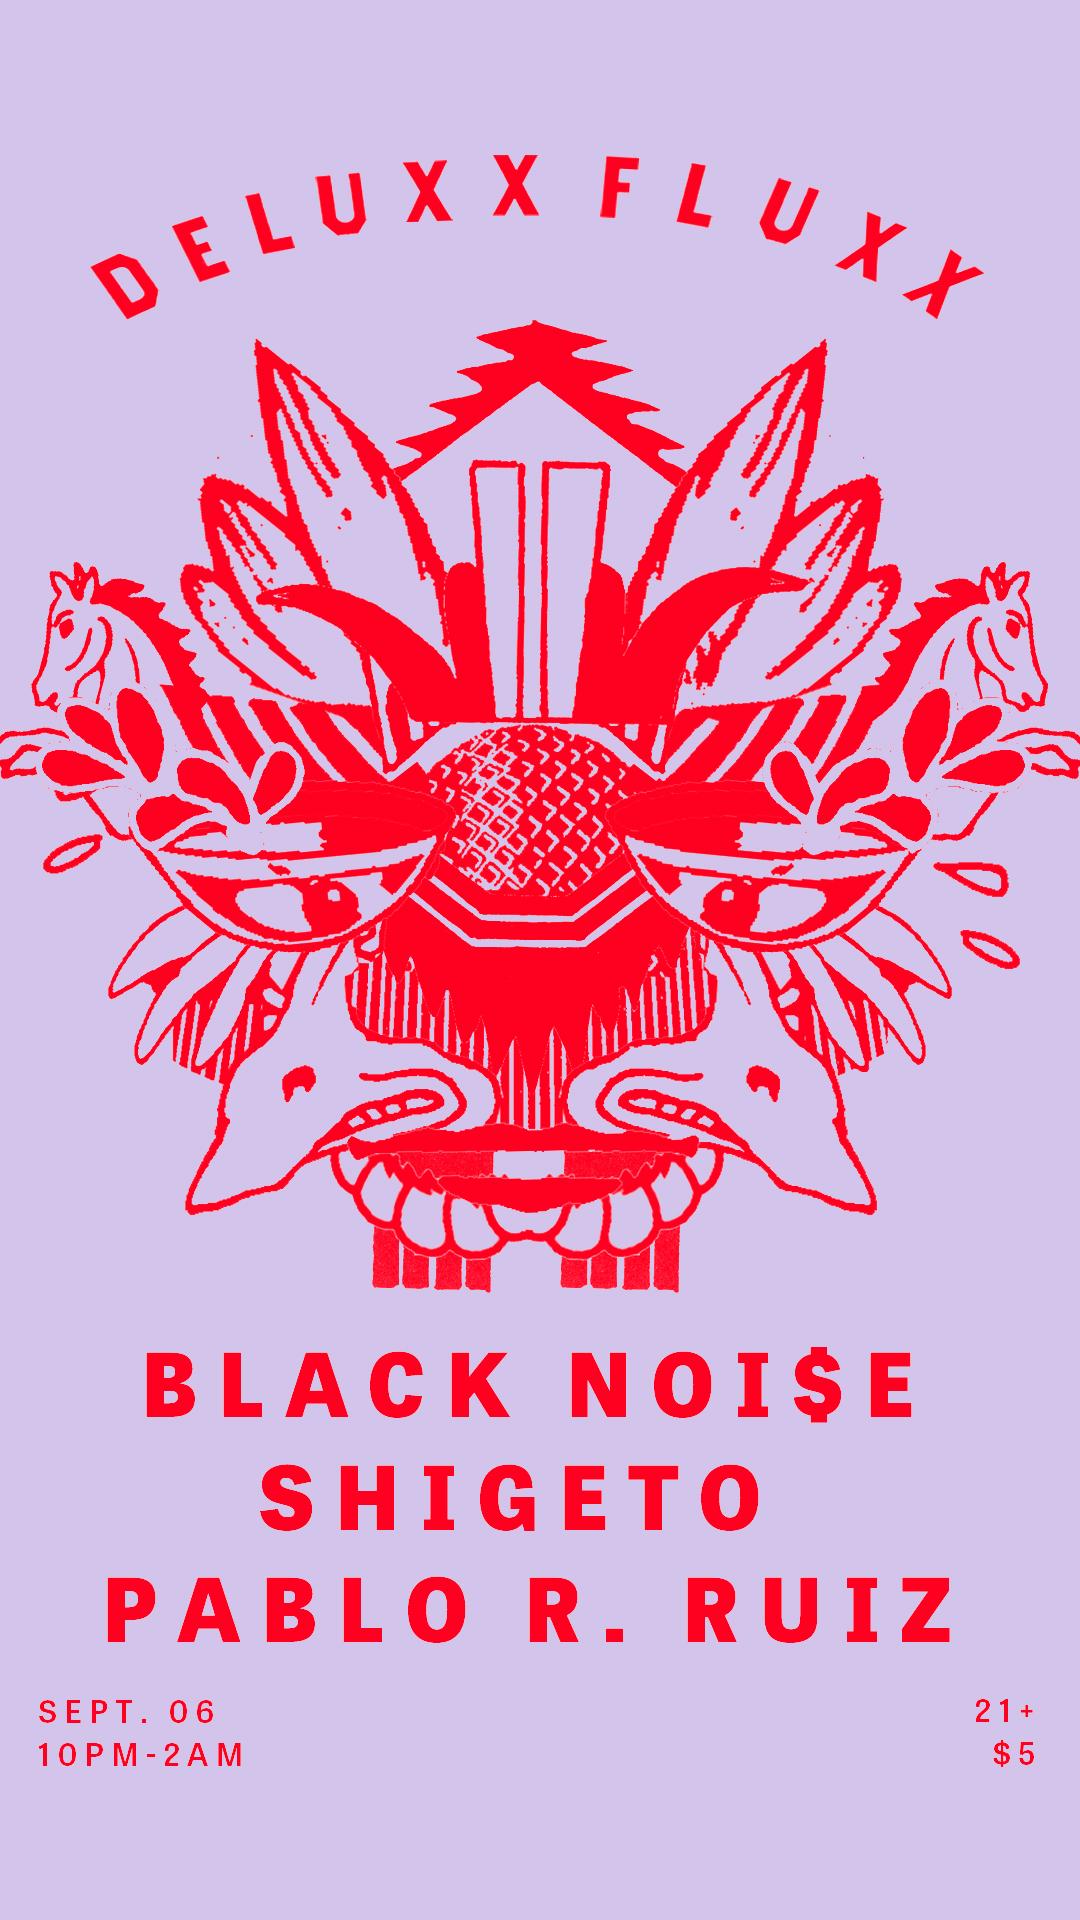 BlackNoi$e_2.jpg